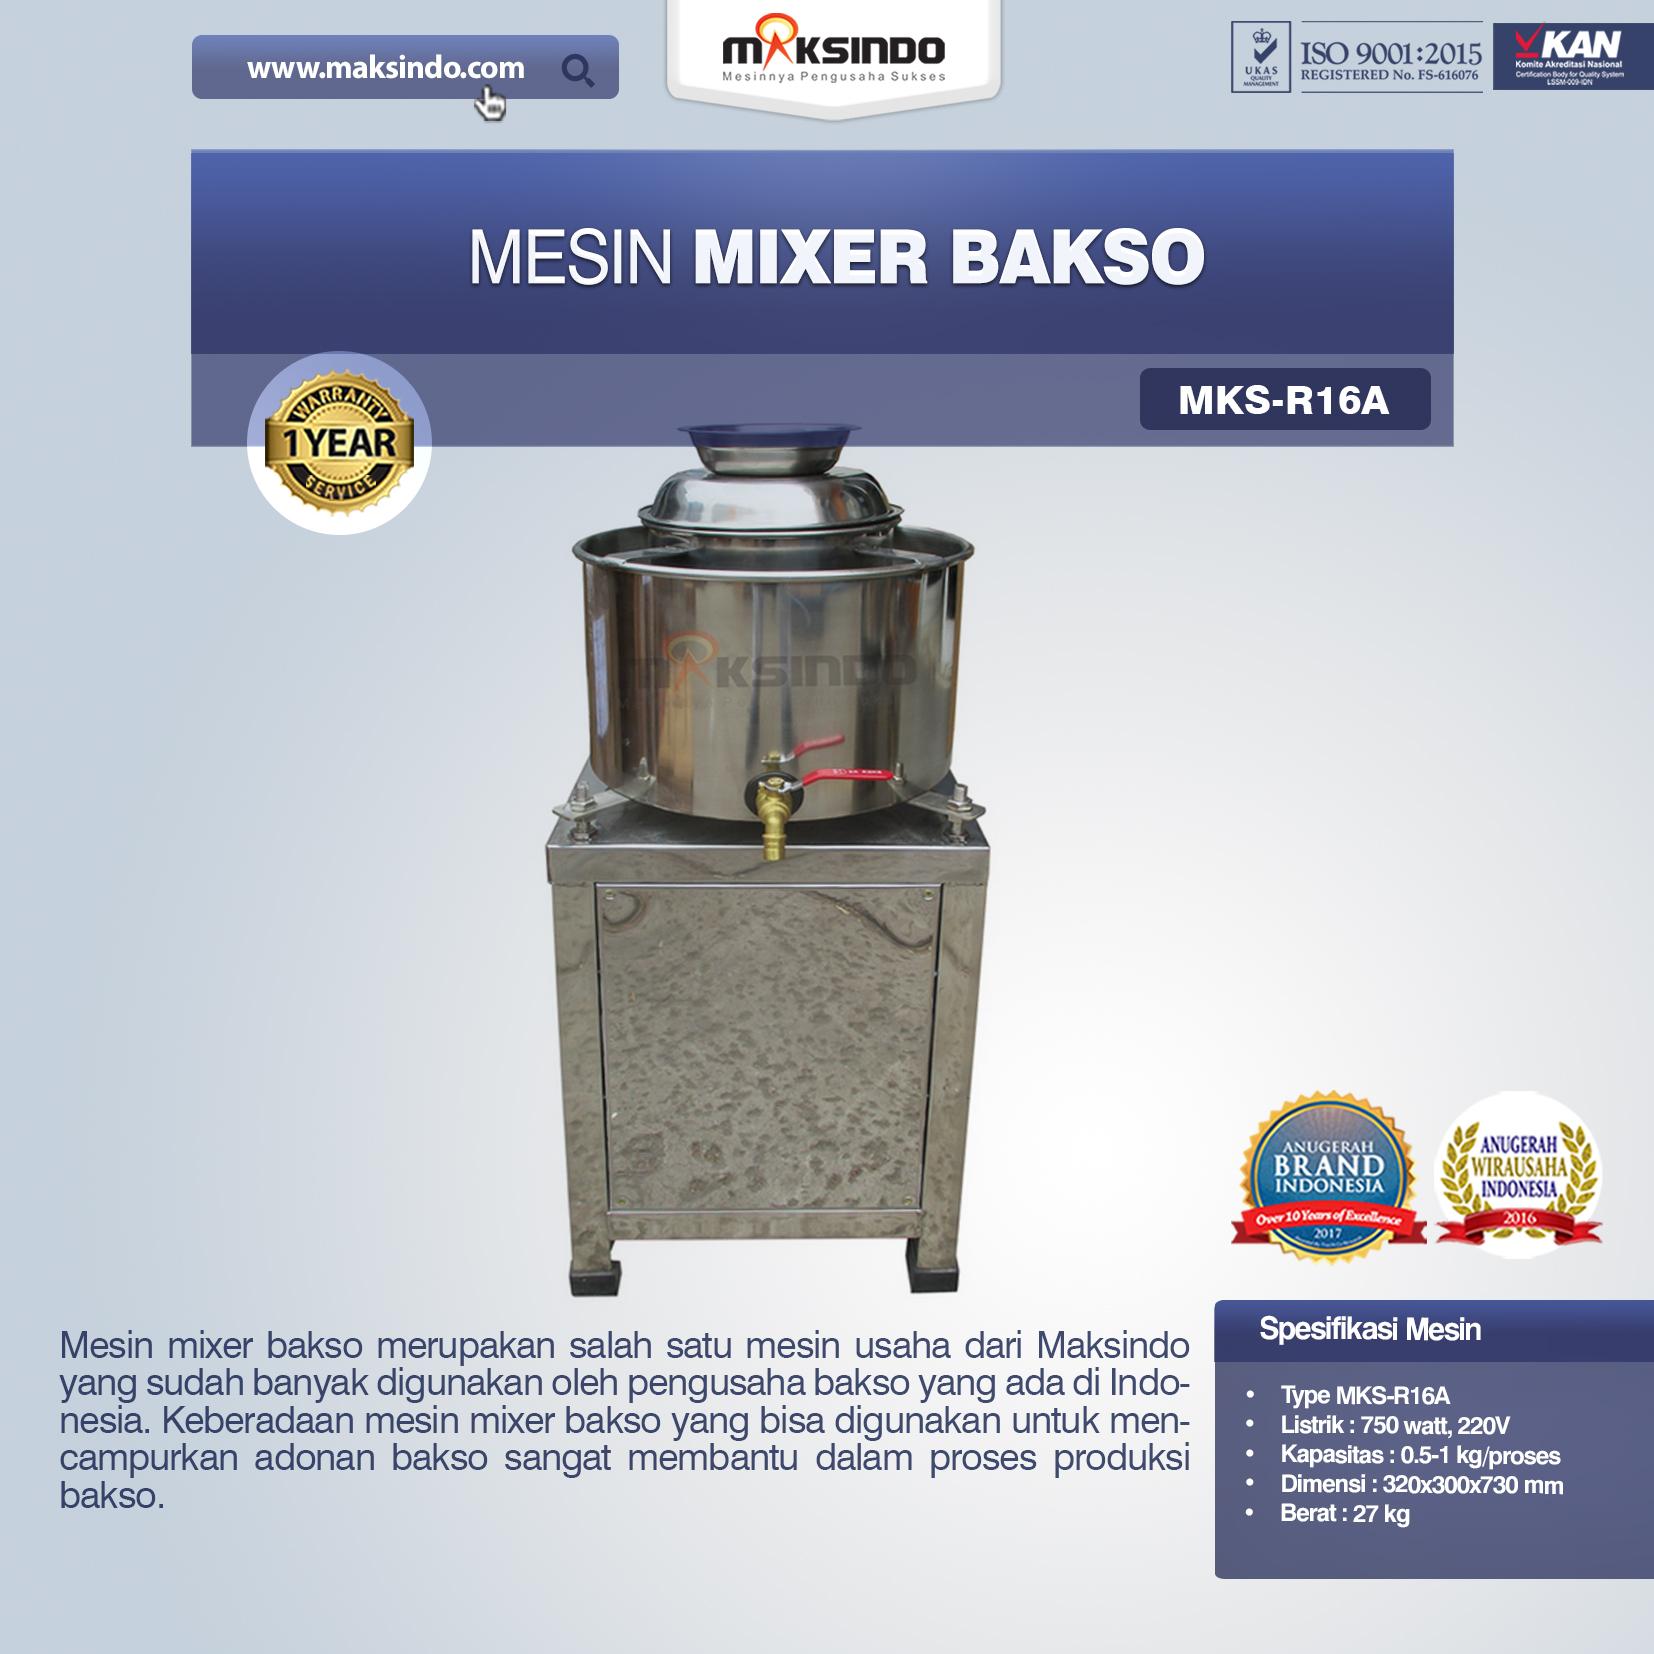 Jual Mesin Mixer BaksoMKS-R16A, MKS-R23A di Jakarta